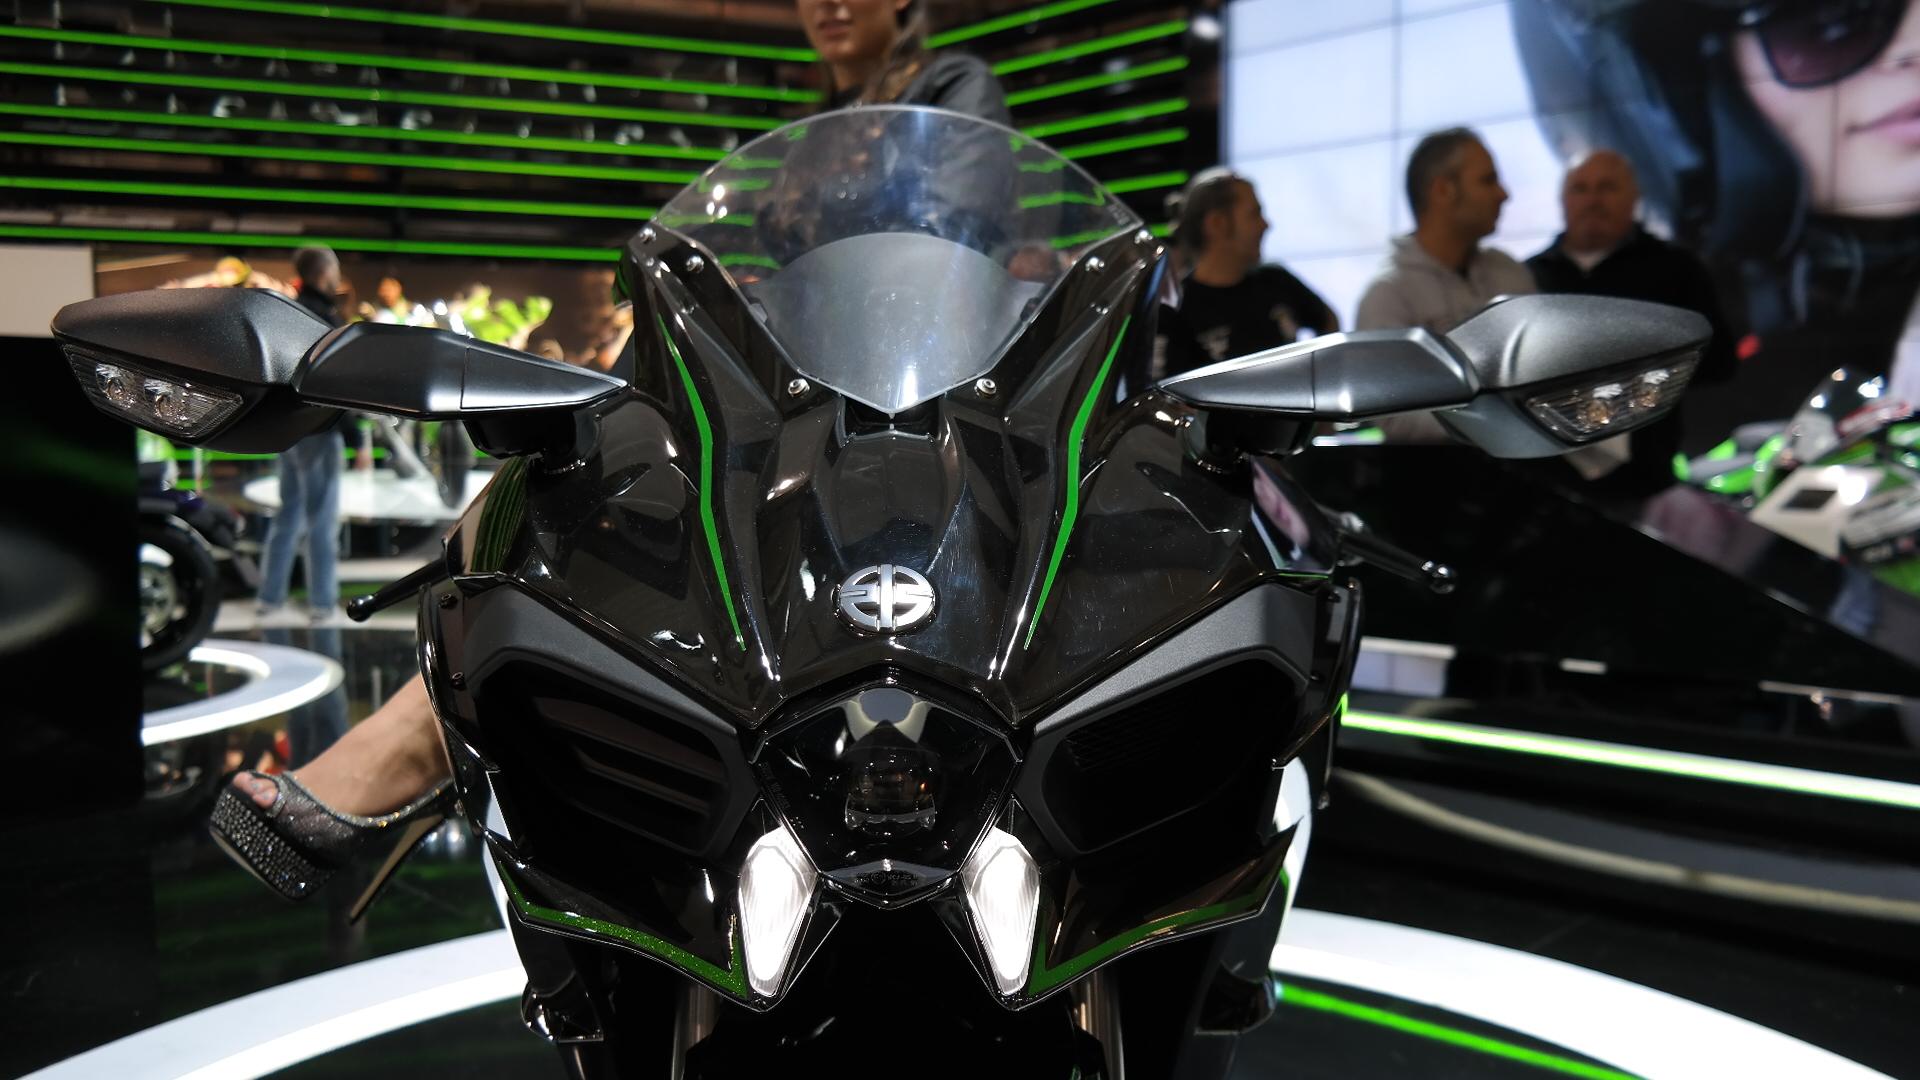 H2 Kawasaki Ninja